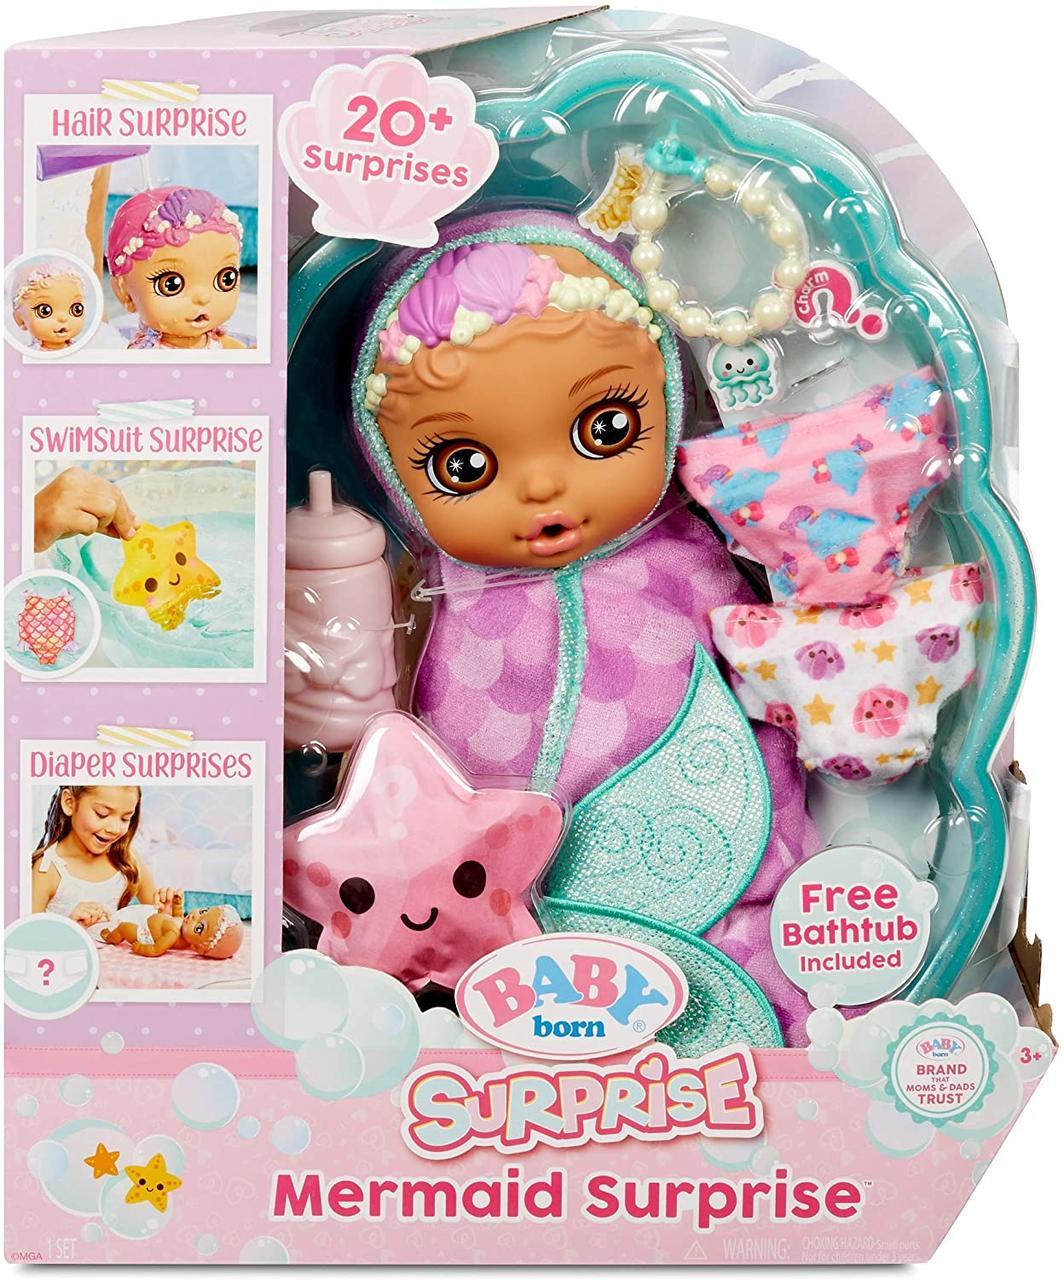 Кукла Беби Берн Сюрприз Русалочка (розов. полотенце) и 20 сюрпризов Baby Born Surprise Mermaid Surprise 917714